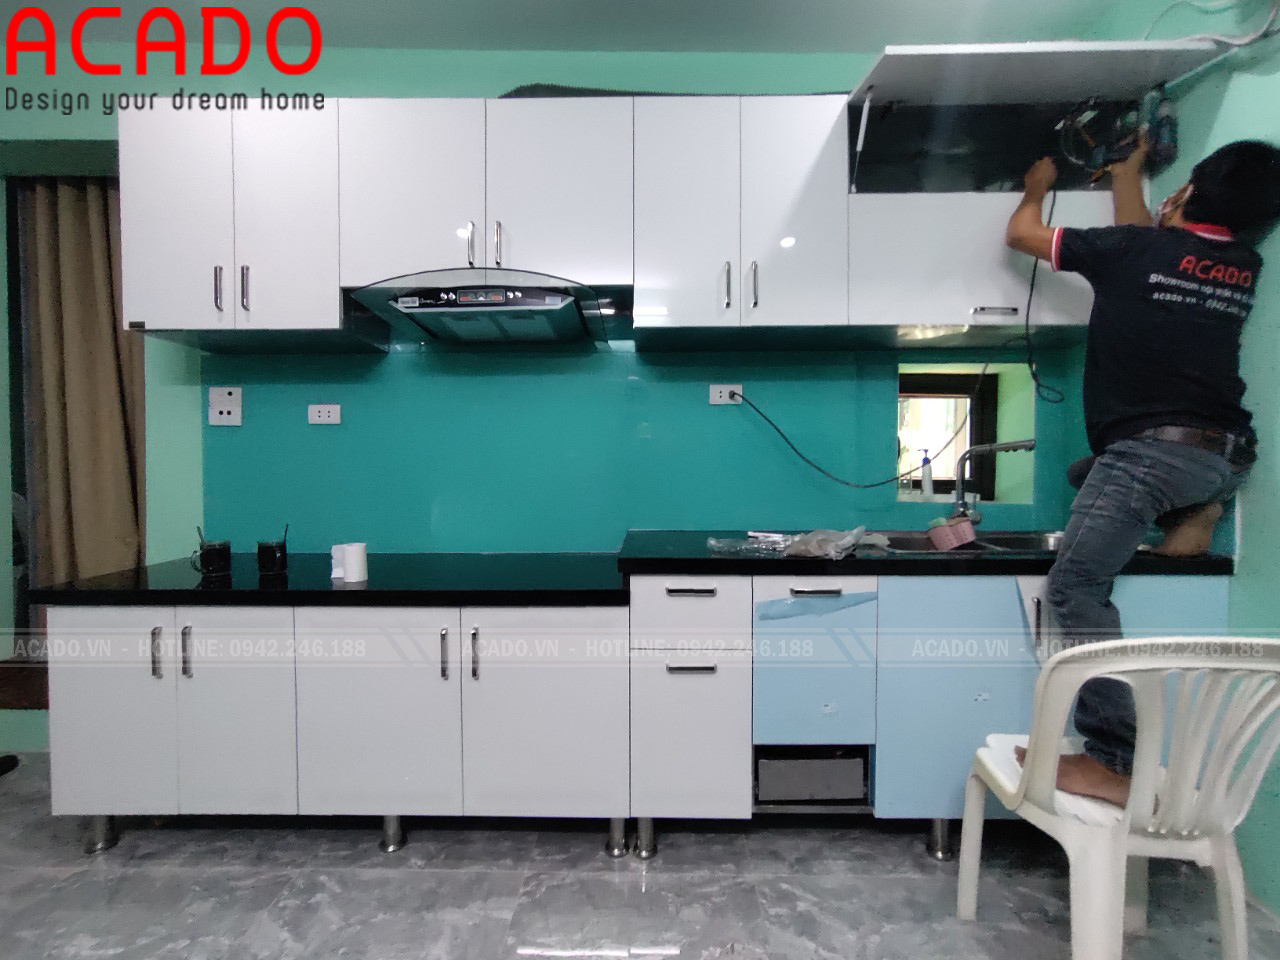 Tủ bếp sử dụng cánh chất liệu Acrylic mang lại không gian hiện đại, trẻ trung - Thi công tủ bếp tại Khâm Thiên - Hà Nội